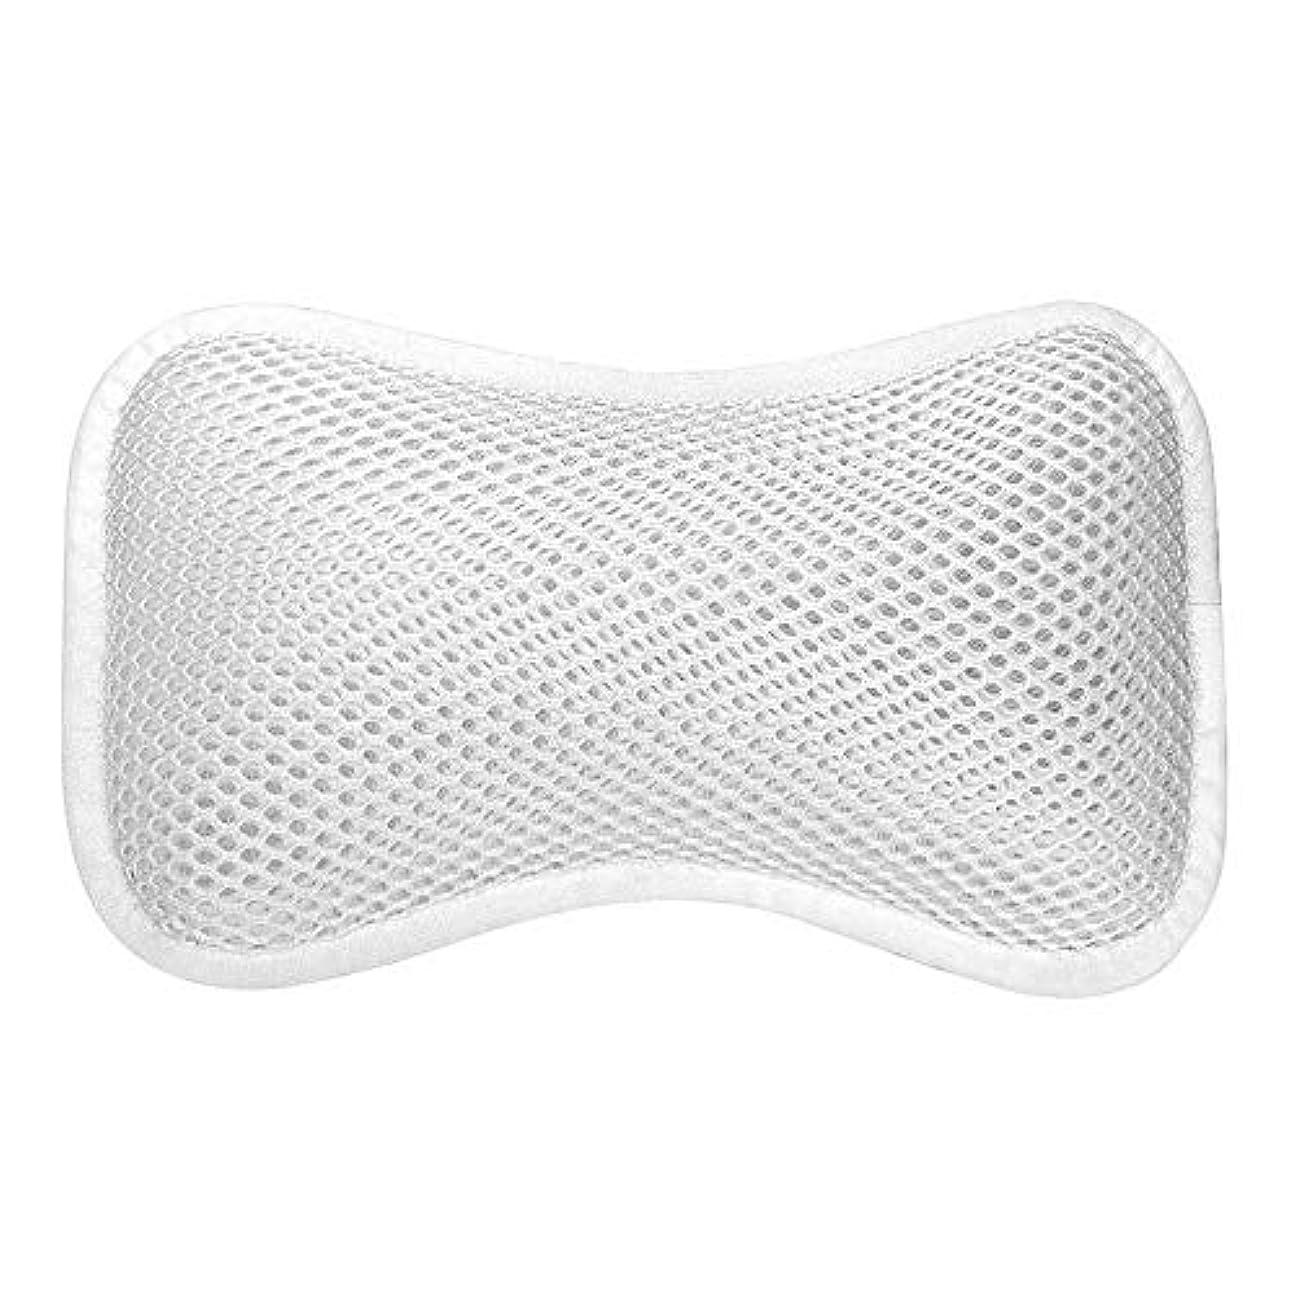 明確なコンパニオン公然と3D網の骨の定形バスタブの枕、吸盤が付いている人間工学的の設計滑り止??めの浴槽の枕